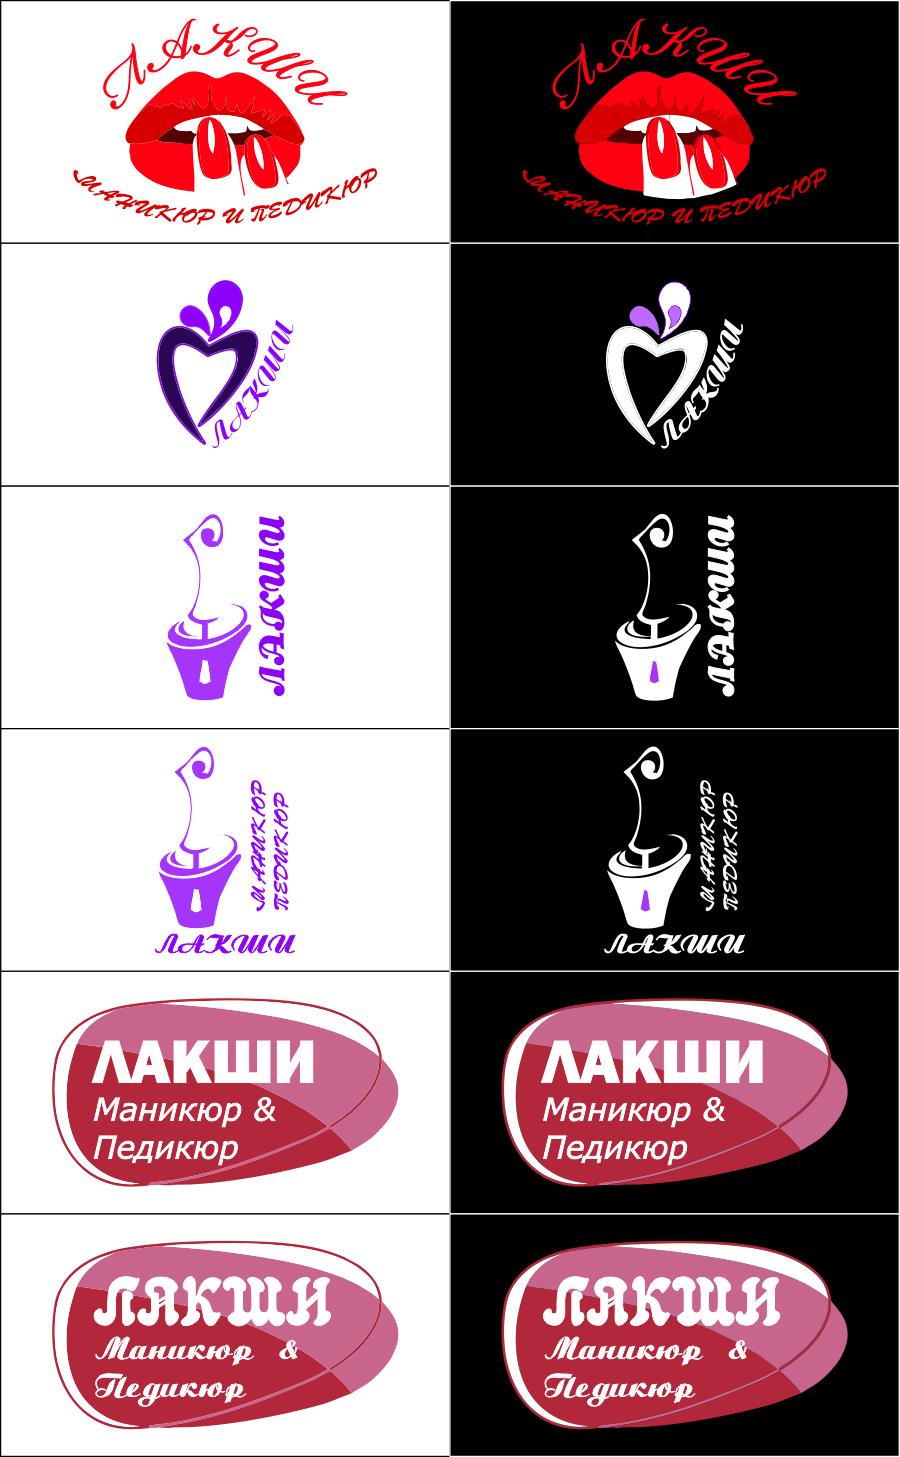 Разработка логотипа фирменного стиля фото f_4685c557c4893967.png